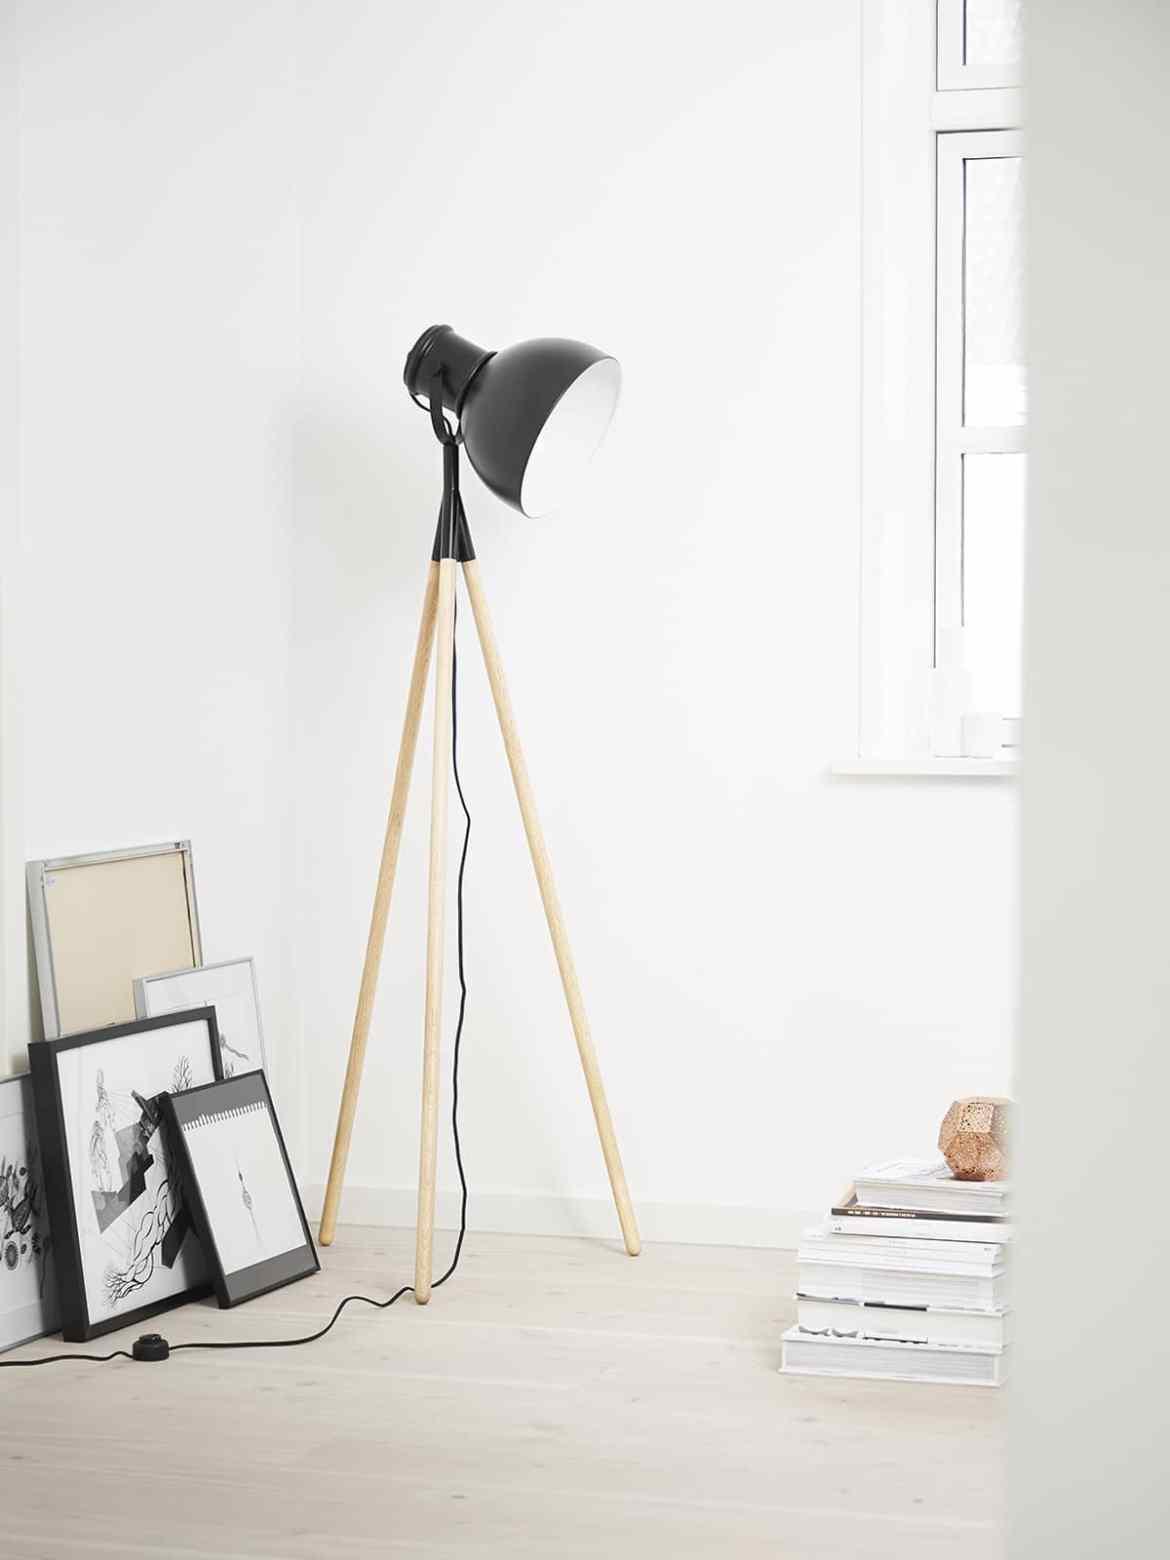 Industry Stehlampe von Frandsen, DesignOrt Blog: Dreibeinige Designerleuchten